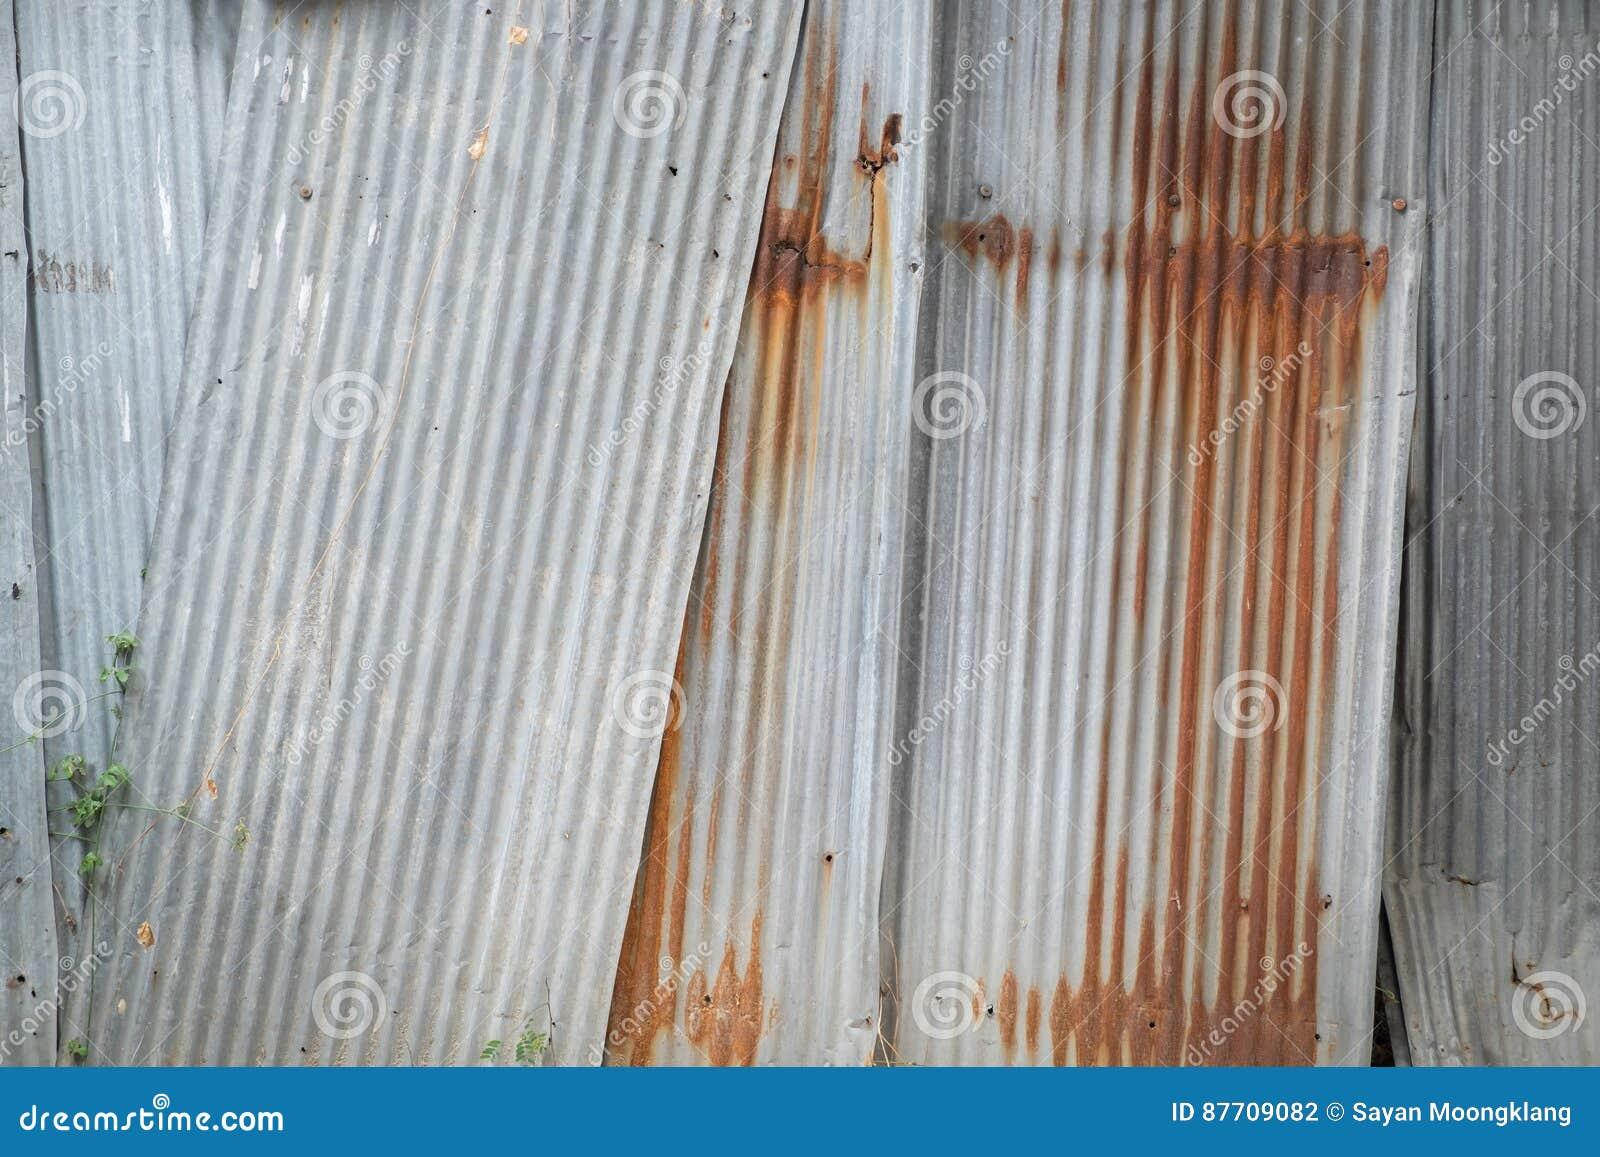 Vieille texture de toit de feuillard Modèle de vieux feuillard